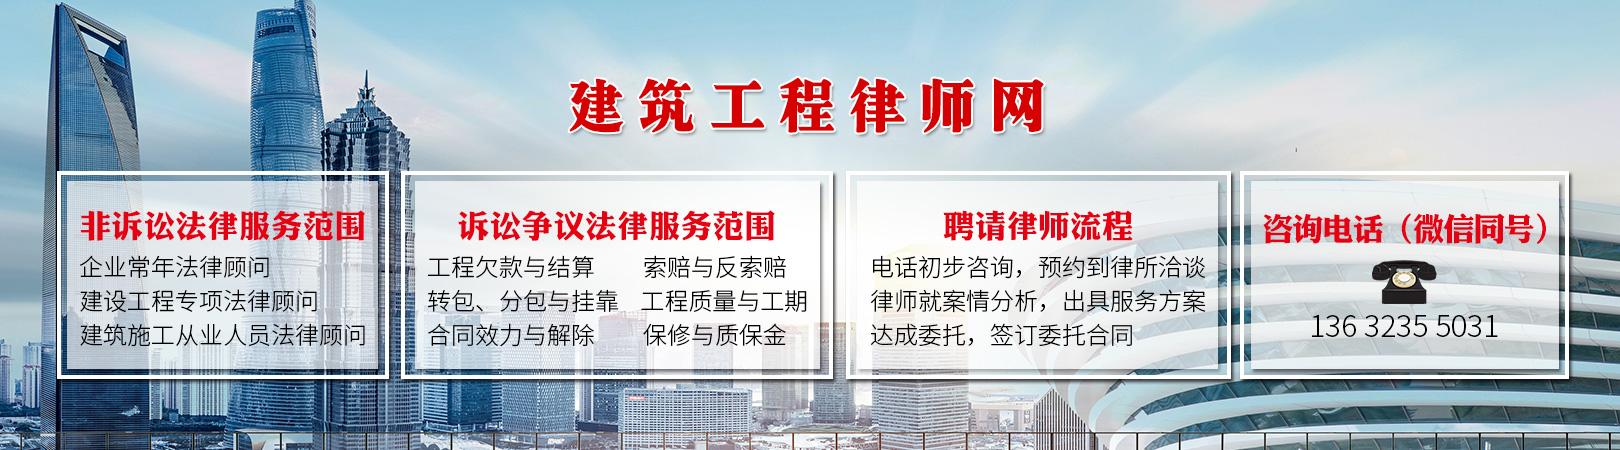 广州建设工程款纠纷律师